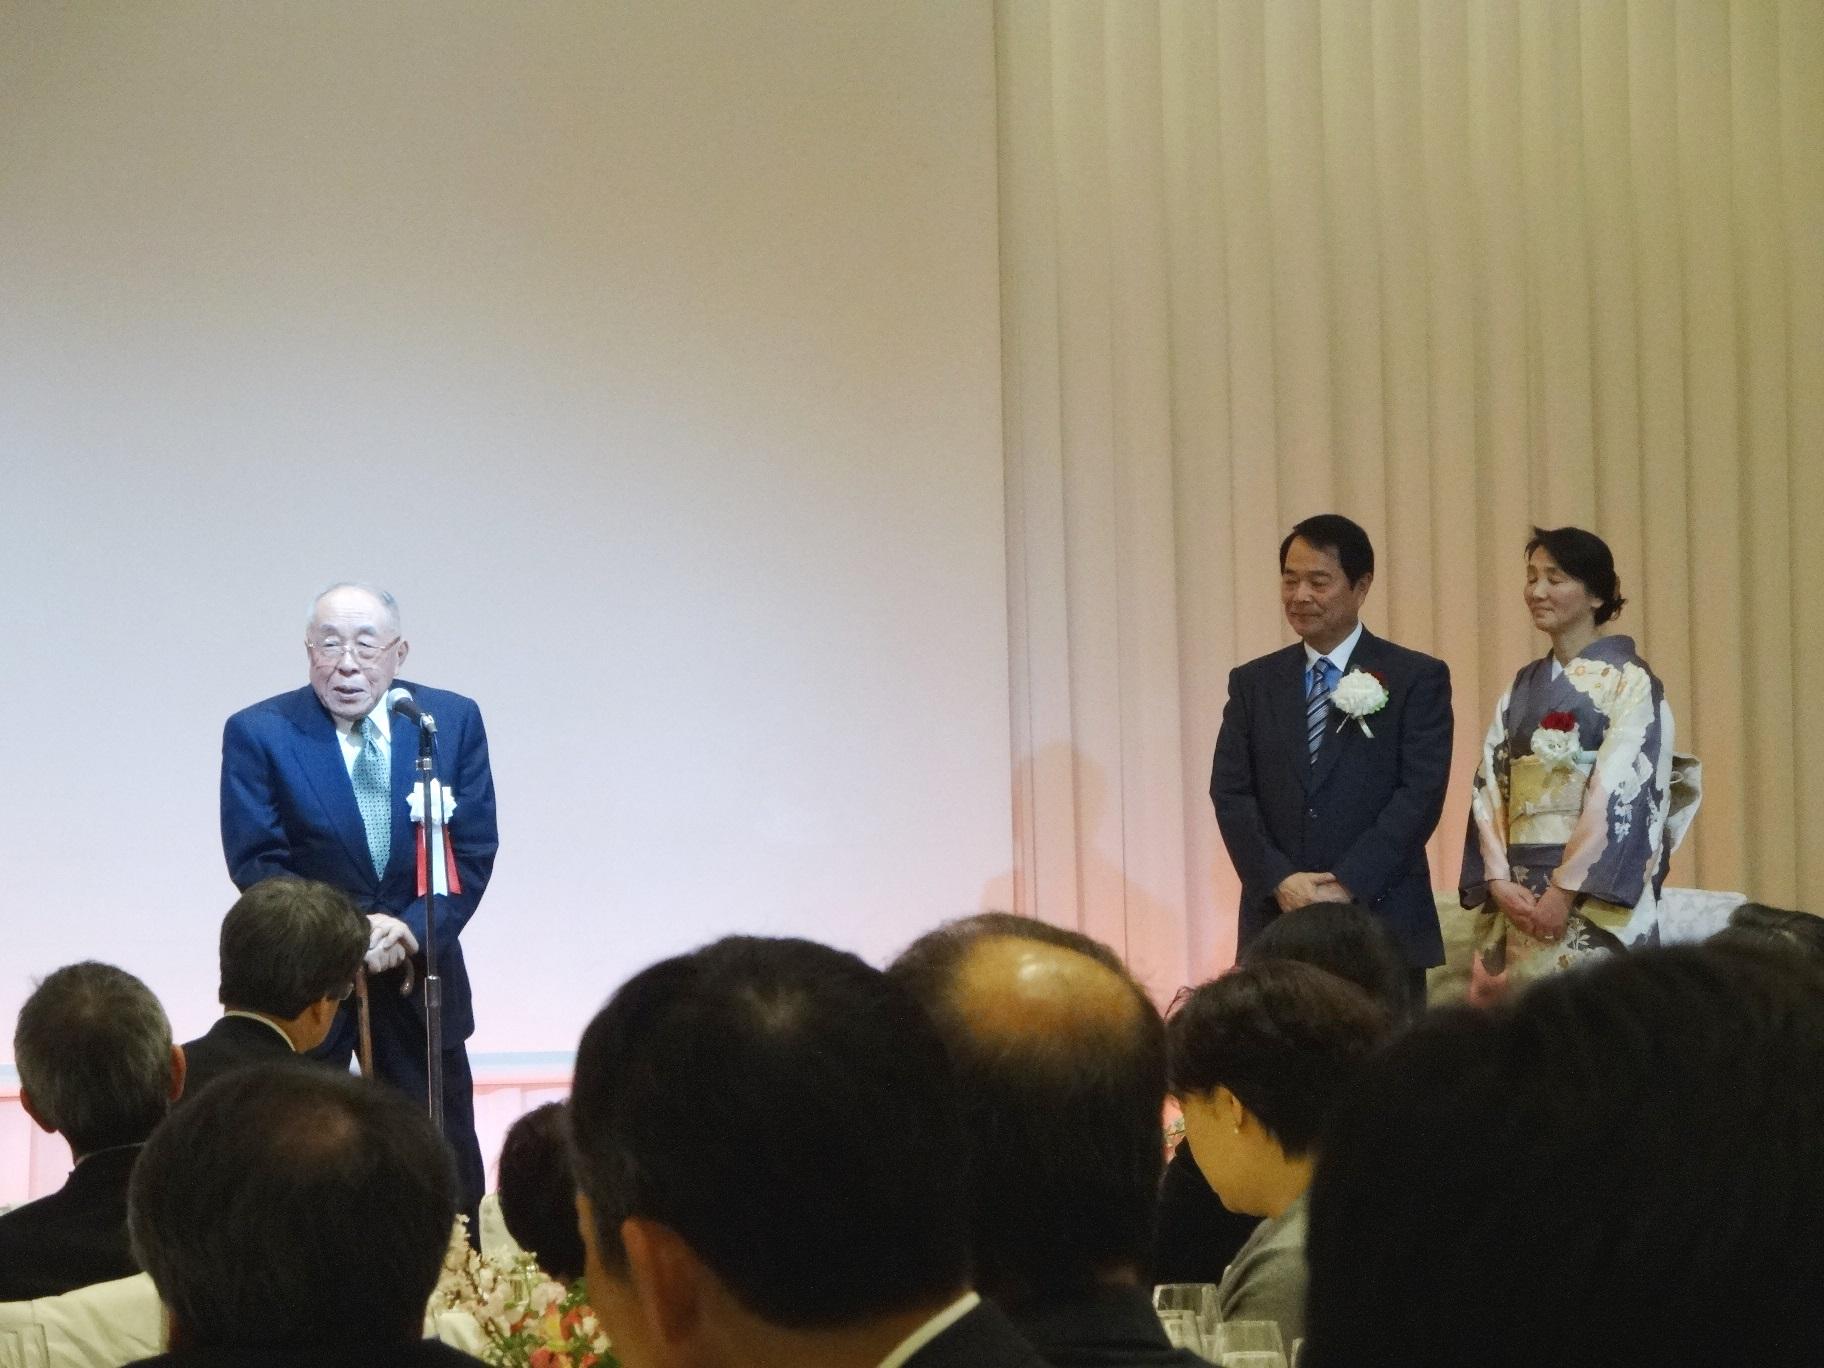 谷本光音教授就任15周年記念祝賀会(上村家門先生)